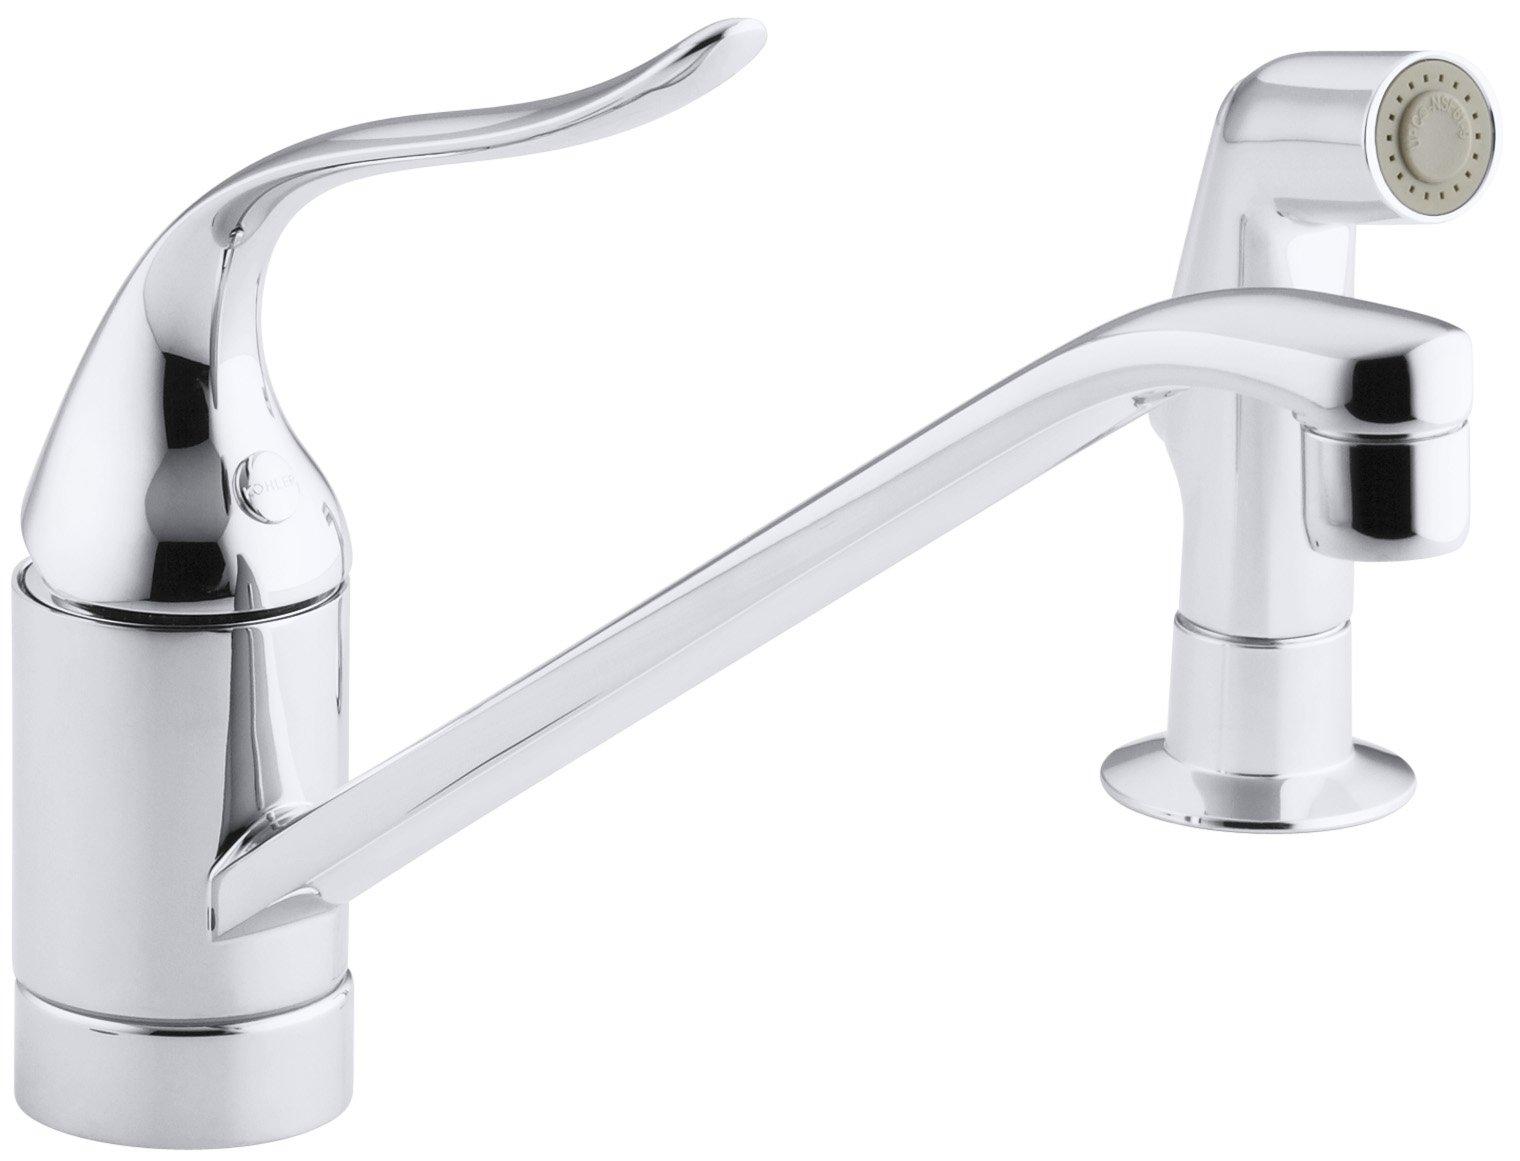 KOHLER K-15176-PT-CP Coralais Single Control Kitchen Sink Faucet, Polished Chrome